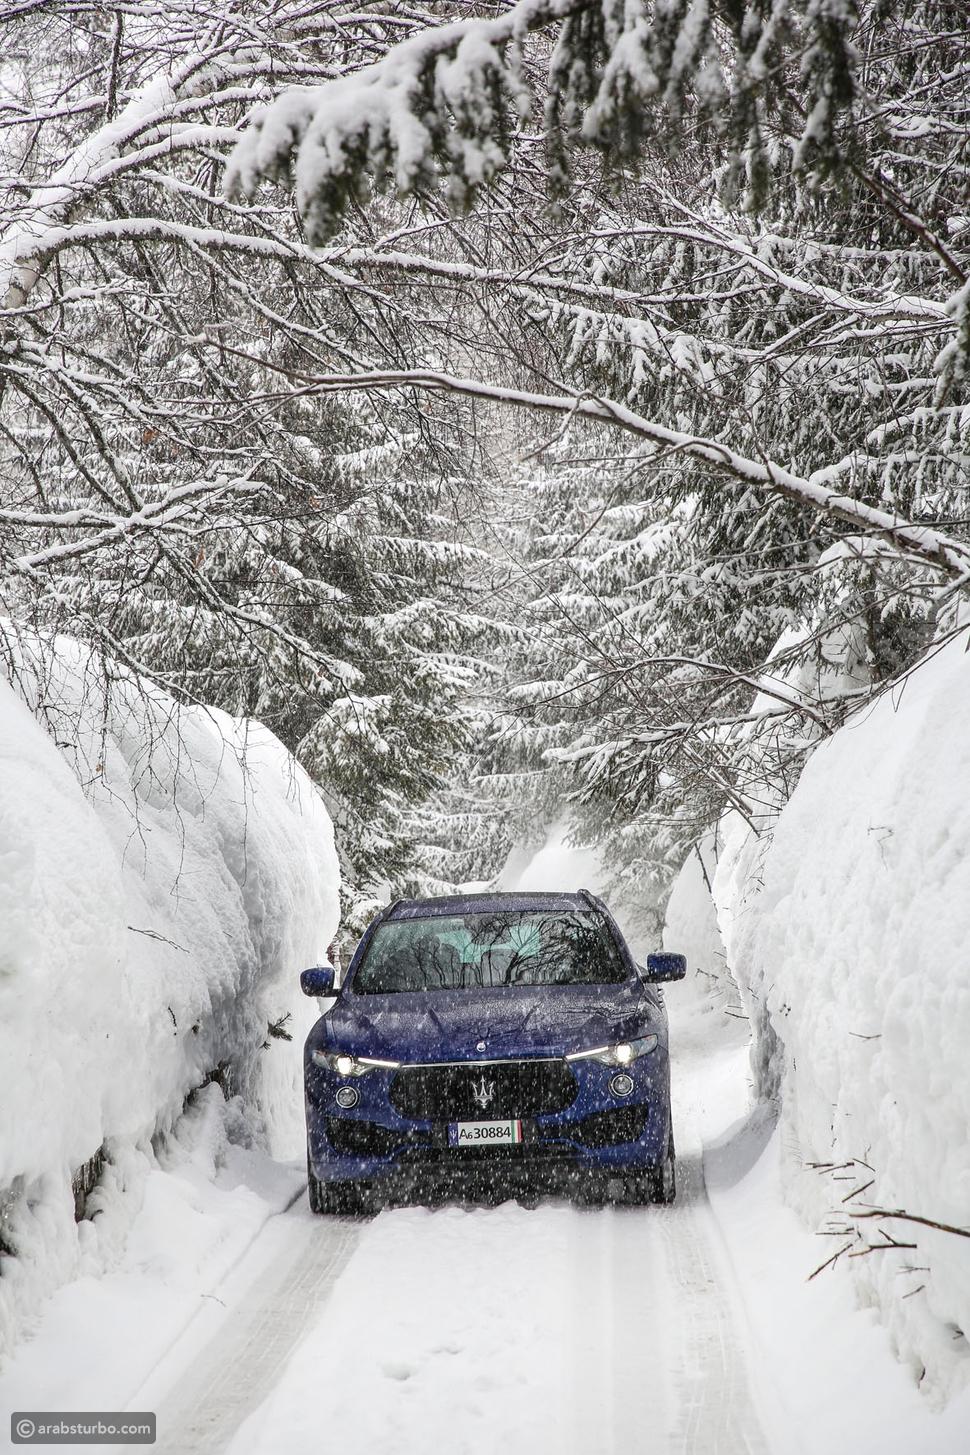 للوصول إلى الحلبة توجب علينا قيادة سيارات مازيراتي لمدة ساعتين على طرقات متعرجة مكسوة بالثلوج ومحاطة بالأشجار المتجمدة